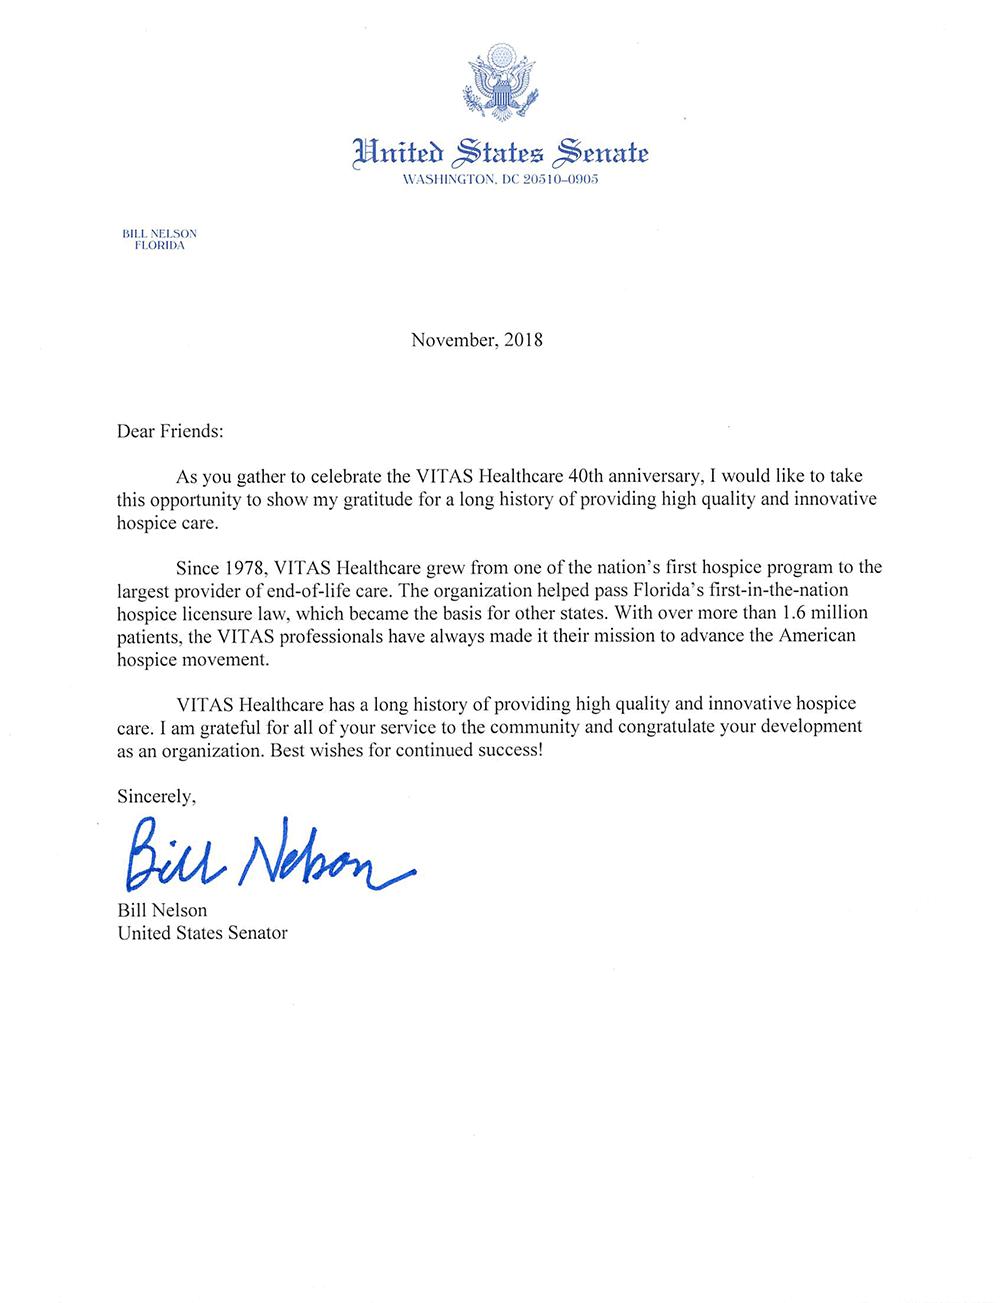 Isang Sulat sa VITAS mula kay US Senator Bill Nelson